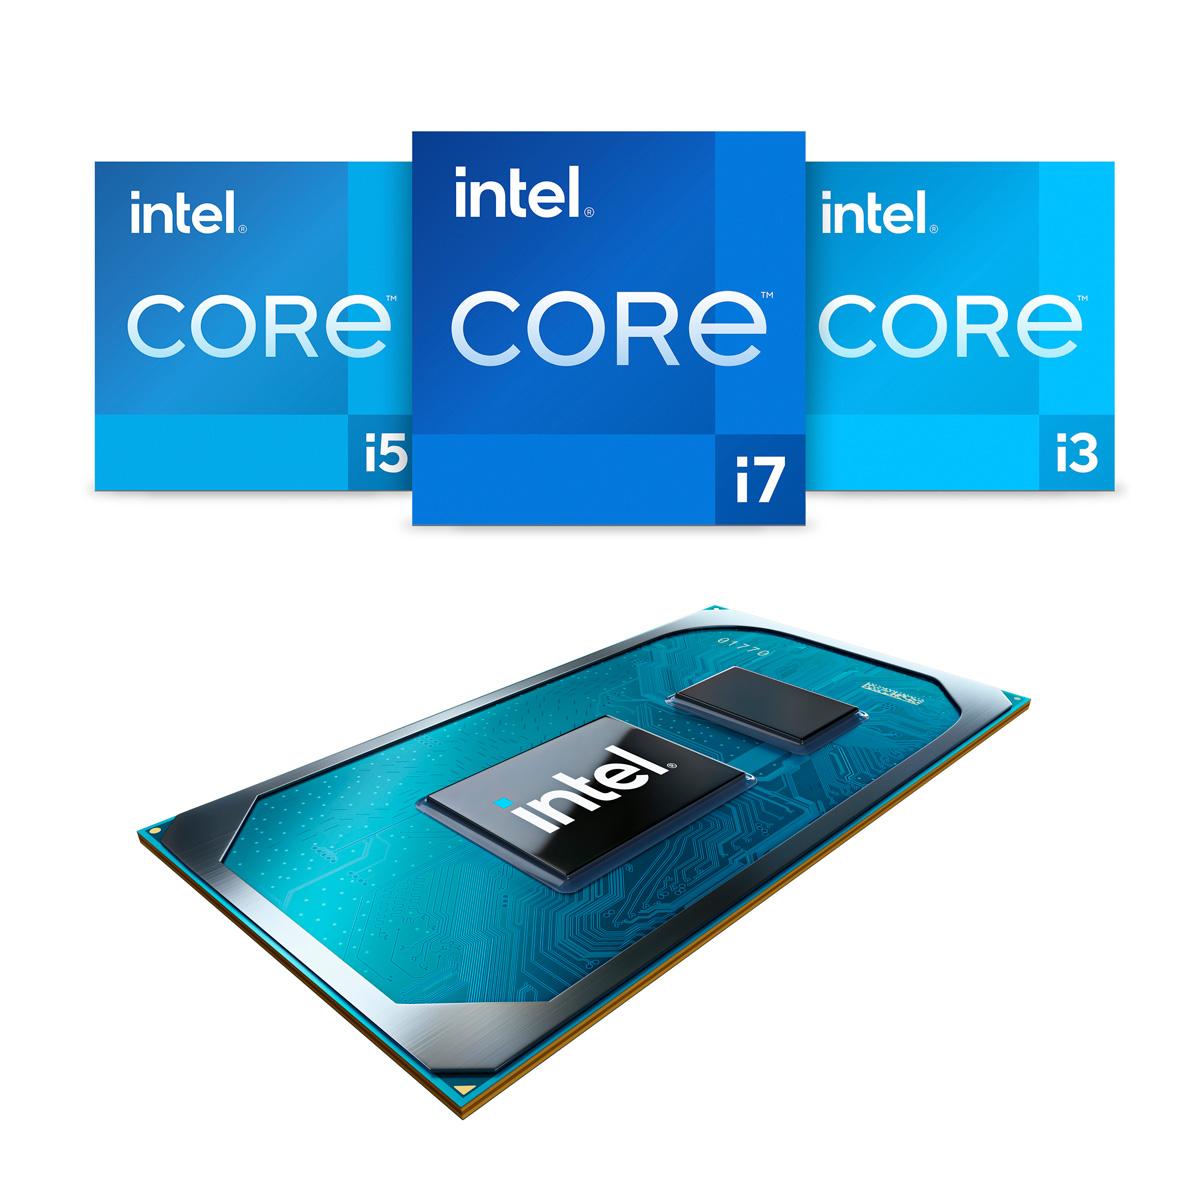 """インテル モバイル向け第11世代Coreプロセッサー""""Tiger Lake""""が正式発表。CPUとGPUを大幅強化"""